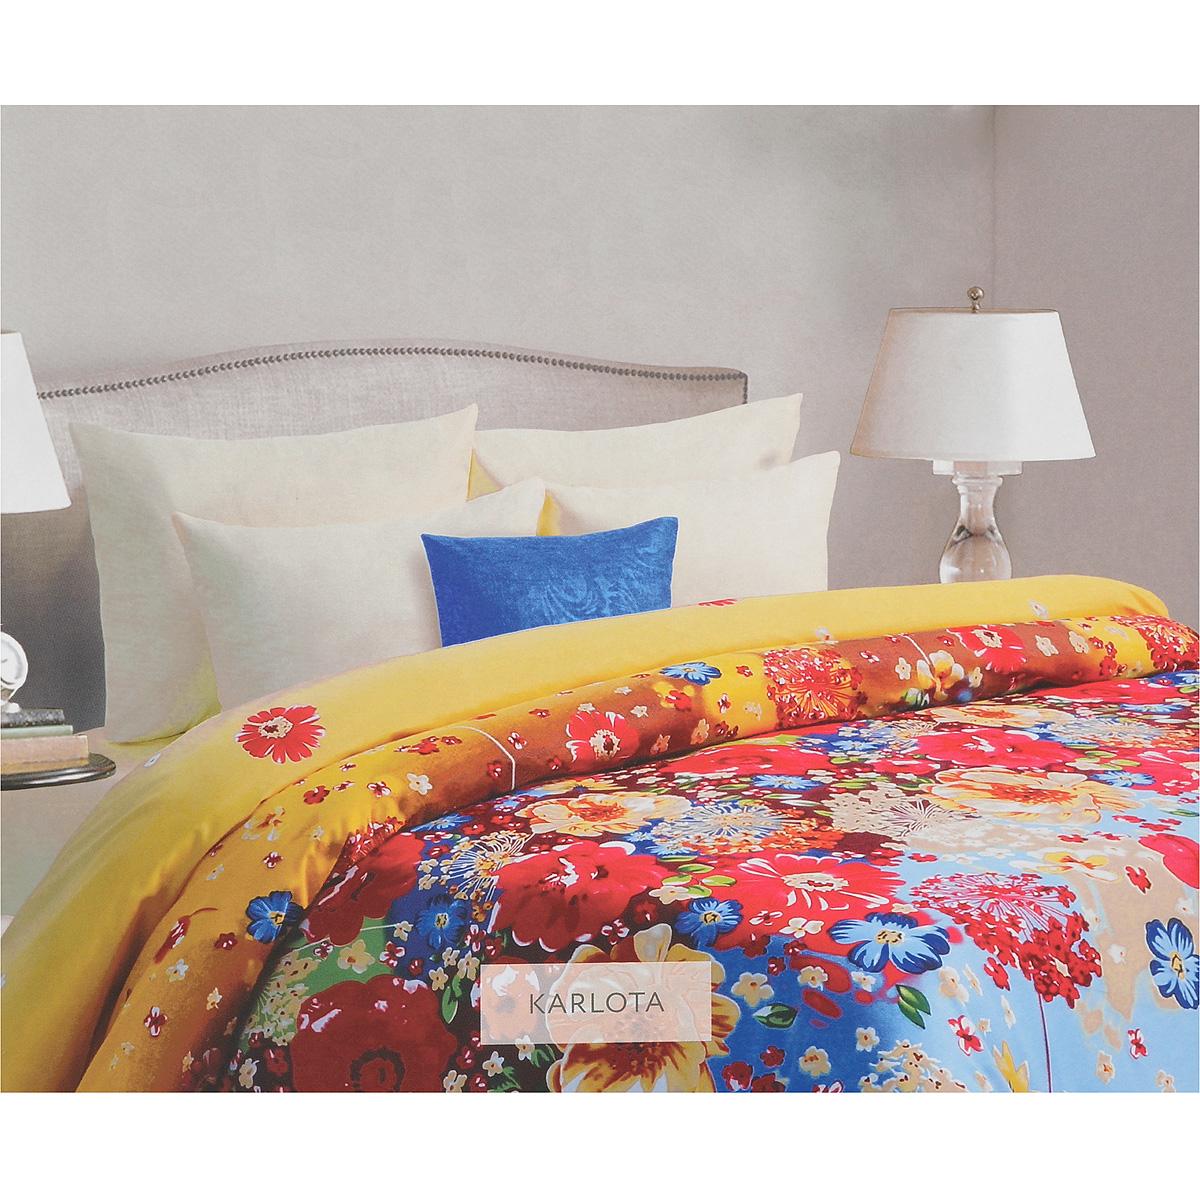 Комплект белья Mona Liza Karlota, евро, наволочки 50х70, цвет: желтый, голубой. 562110/5562110/5Комплект белья Mona Liza Karlota, выполненный из батиста (100% хлопок), состоит из пододеяльника, простыни и двух наволочек. Изделия оформлены красивым цветочным рисунком. Батист - тонкая, легкая натуральная ткань полотняного переплетения. Ткань с незначительной сминаемостью, хорошо сохраняющая цвет при стирке, легкая, с прекрасными гигиеническими показателями. В комплект входит: Пододеяльник - 1 шт. Размер: 200 см х 220 см. Простыня - 1 шт. Размер: 215 см х 240 см. Наволочка - 2 шт. Размер: 50 см х 70 см. Рекомендации по уходу: - Ручная и машинная стирка 40°С, - Гладить при температуре не более 150°С, - Не использовать хлорсодержащие средства, - Щадящая сушка, - Не подвергать химчистке.